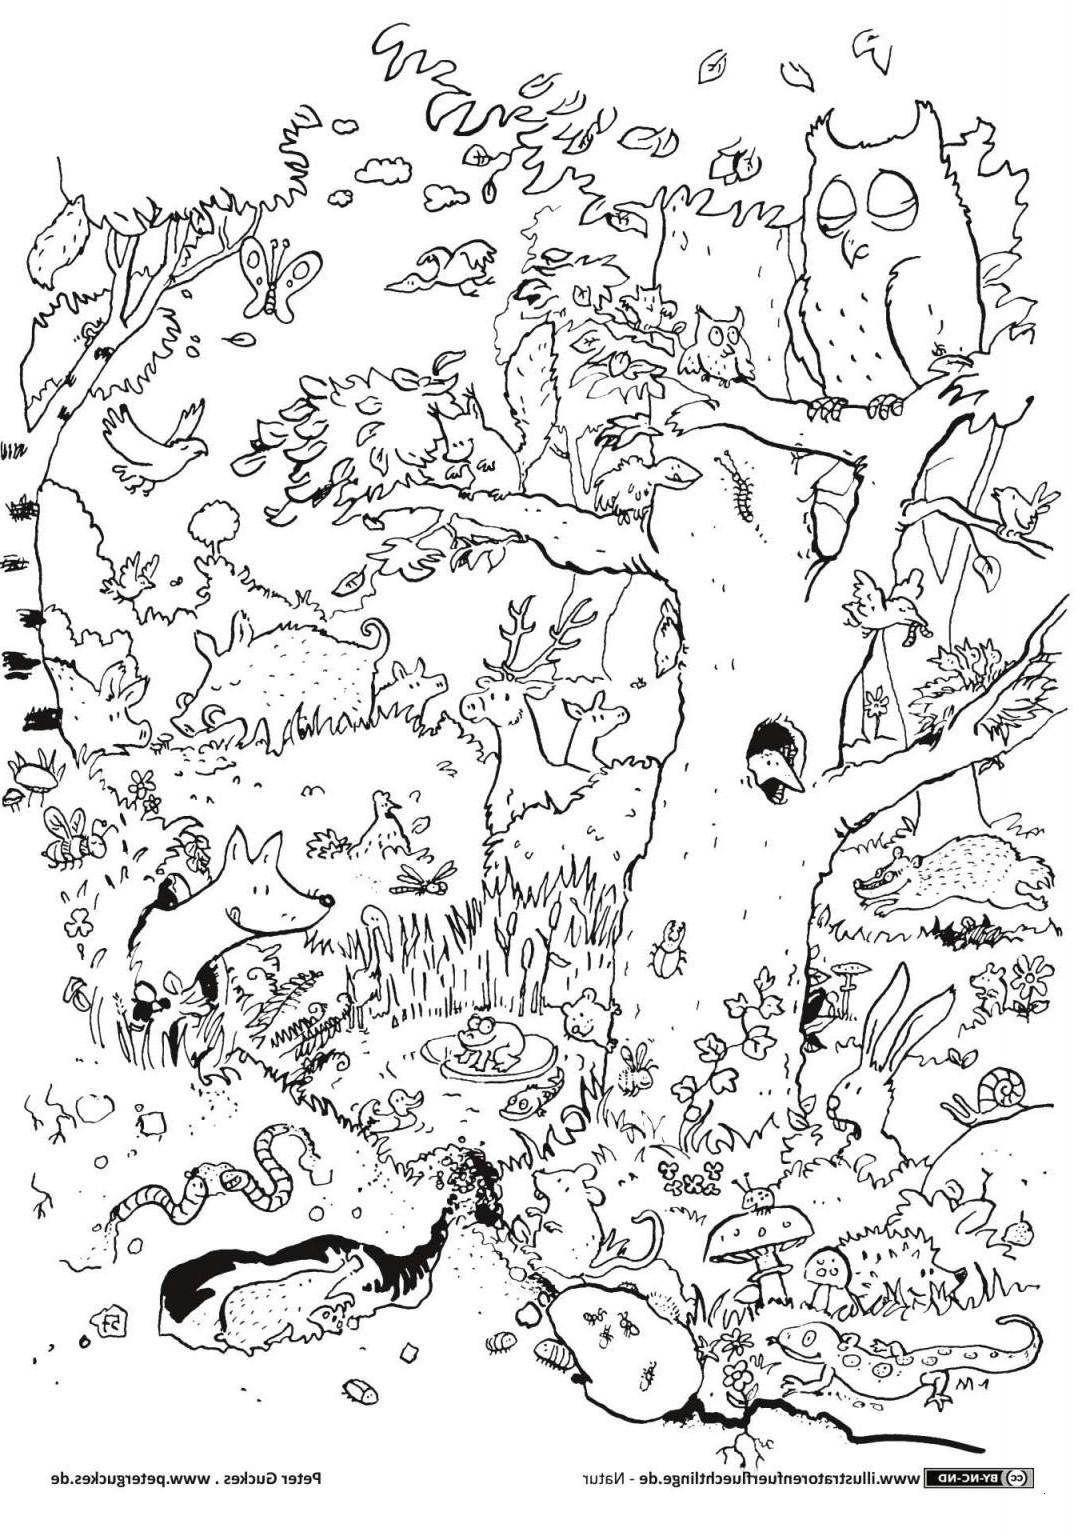 Dschungel Bilder Zum Ausdrucken Frisch 29 Inspirierend Dschungel